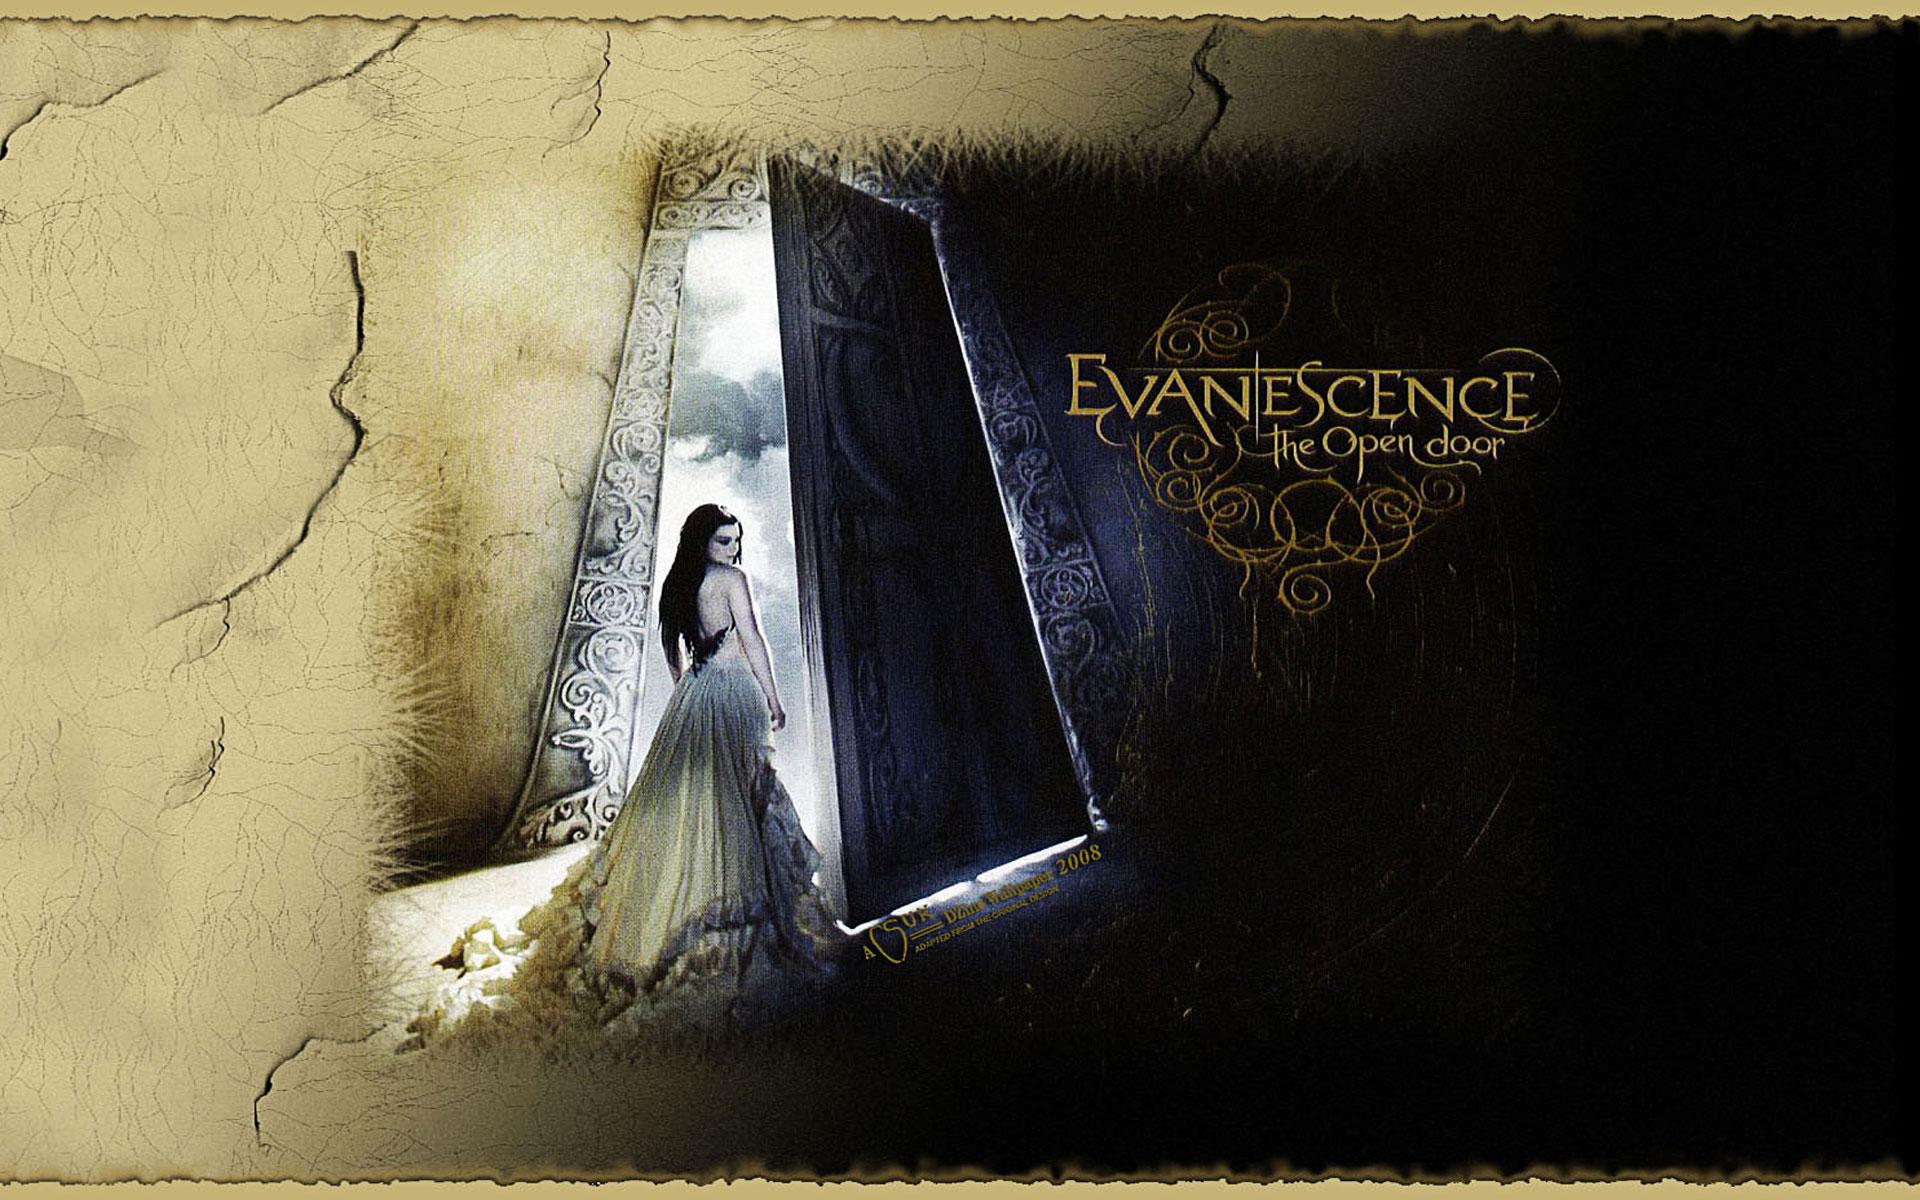 Wallpapers   Evanescence The Open Door wallpaper 1920x1200